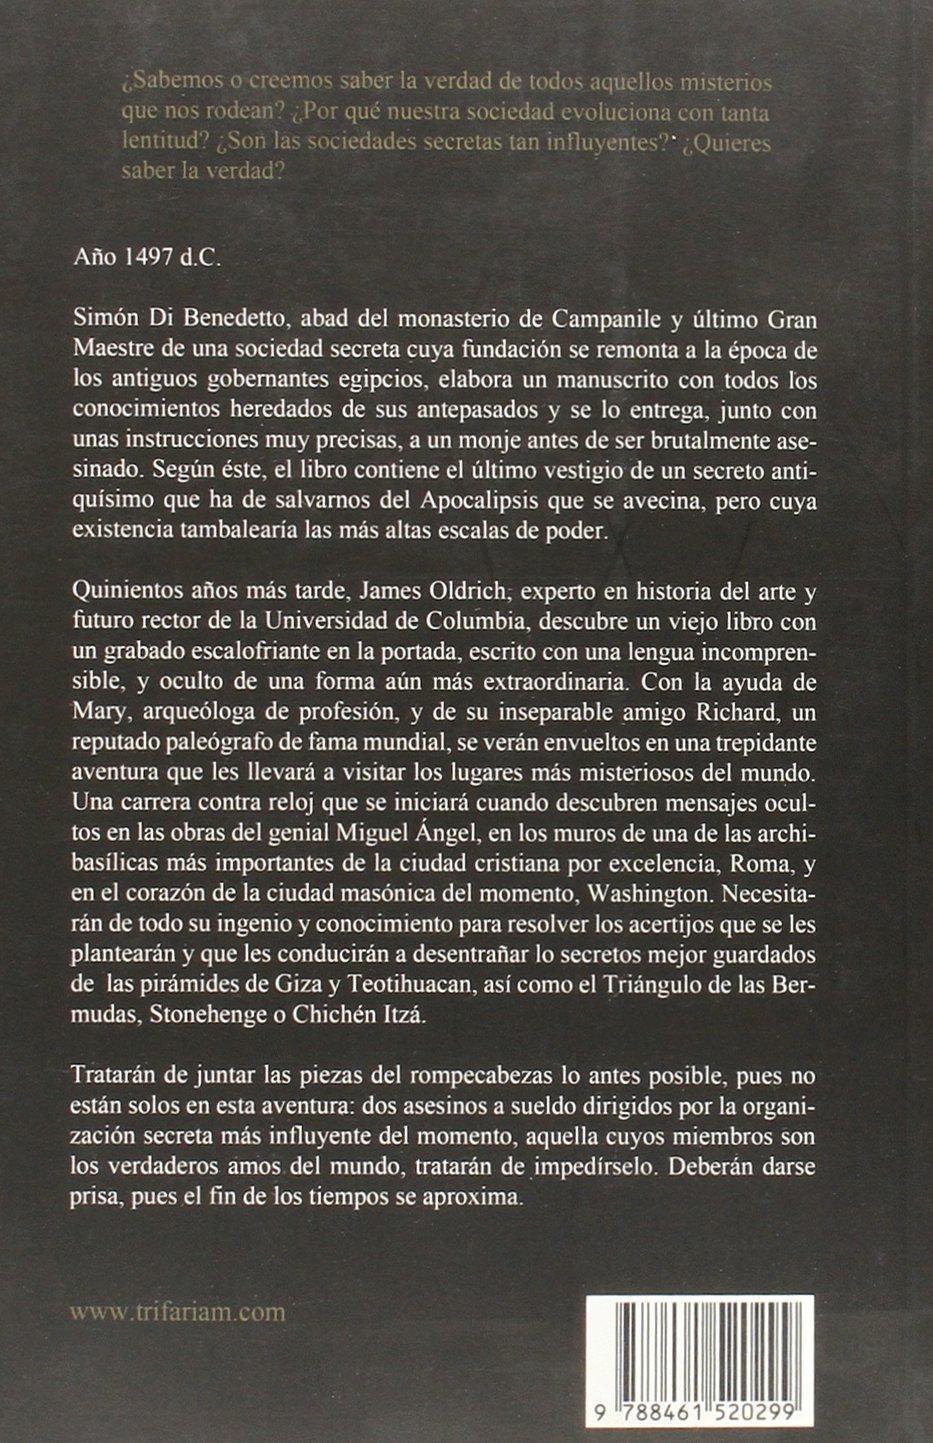 Trifariam : el códice perdido: Amazon.es: Rodríguez Álvarez, Diego ...